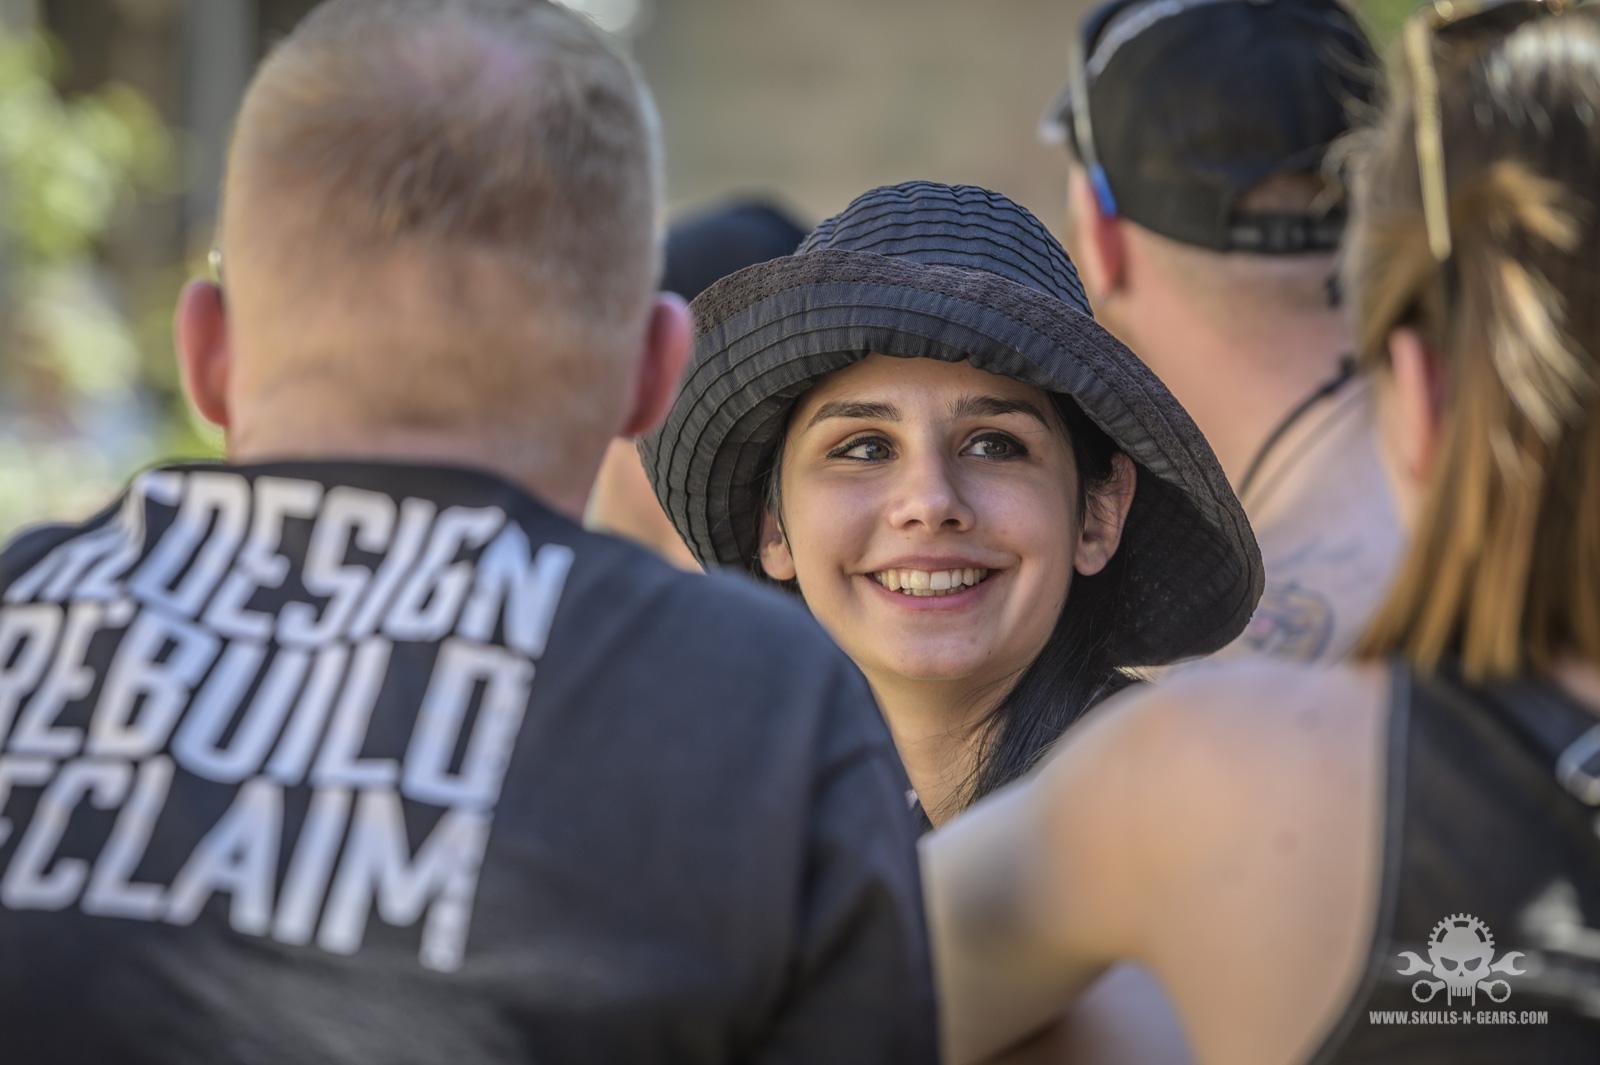 Feuertanz Festival 2019 - Besucher-56